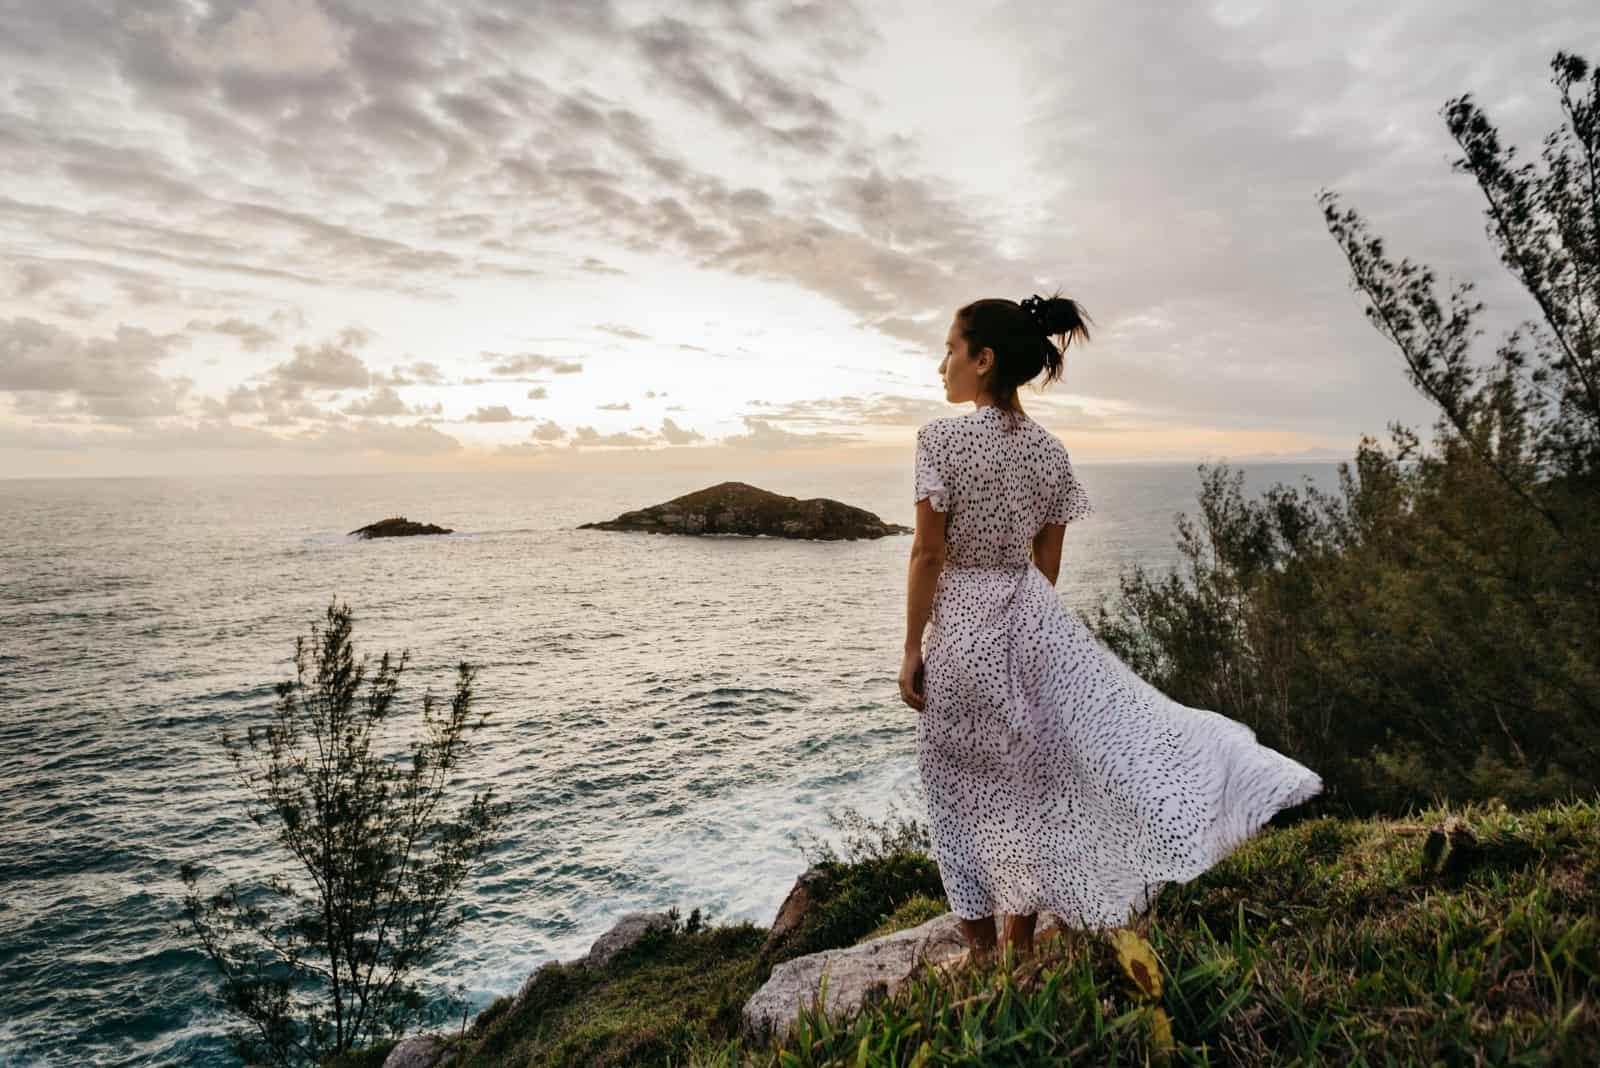 femme en robe blanche debout près de l'océan